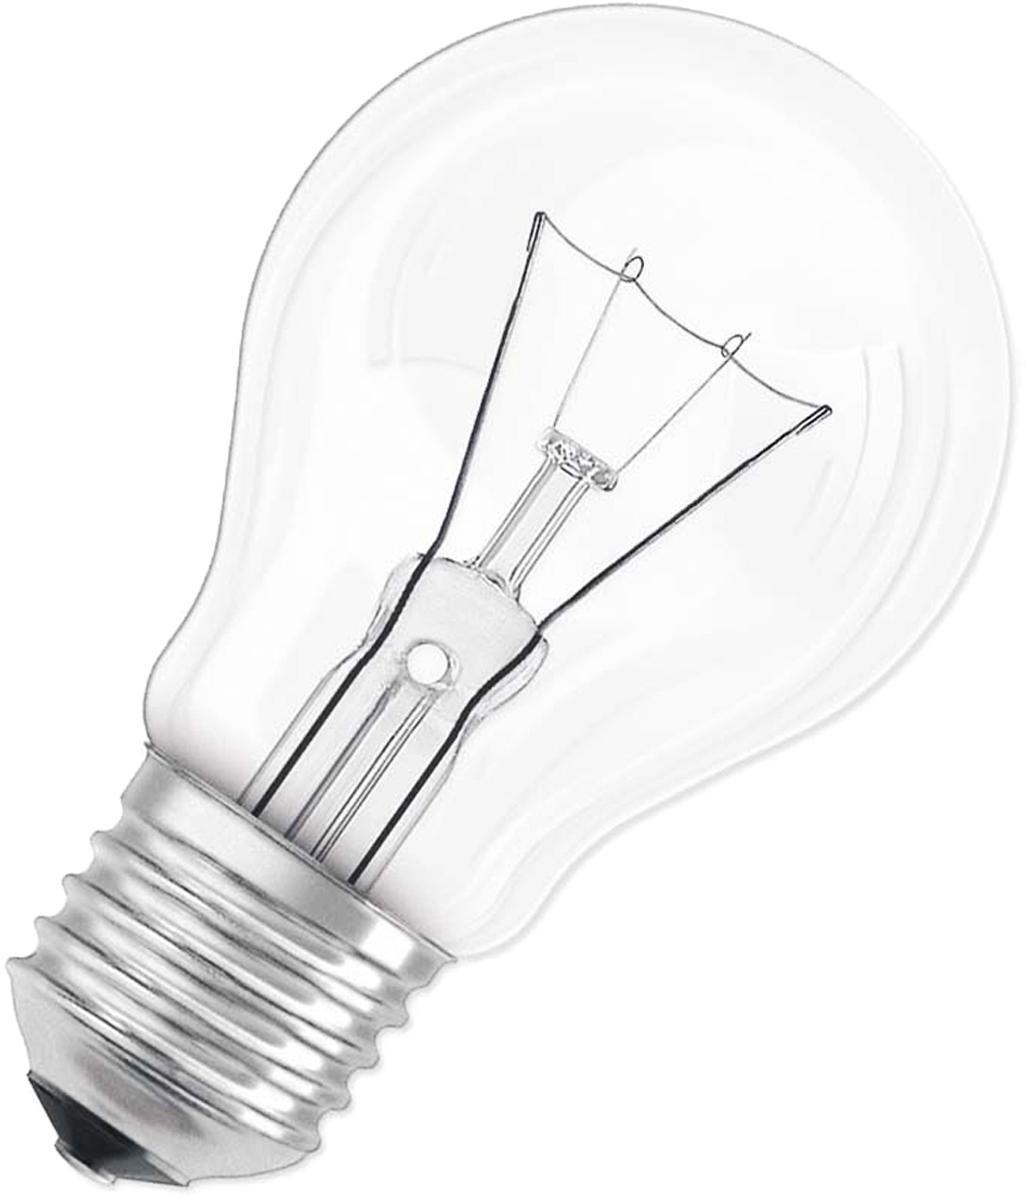 Лампа накаливания Osram Classic A CL 95W 230V E27 NCE 40580750278314058075027831Конструкция лампы состоит из стеклянной колбы, заполненной инертным газом. Основу устройства составляет тело накала или вольфрамовая спираль, которая под воздействием электрического тока начинает излучать свечение.Лампы накаливания используются для всеобщего, местного и наружного освещения в быту и промышленности в сетях переменного тока напряжением 220 В частотой 50 Гц